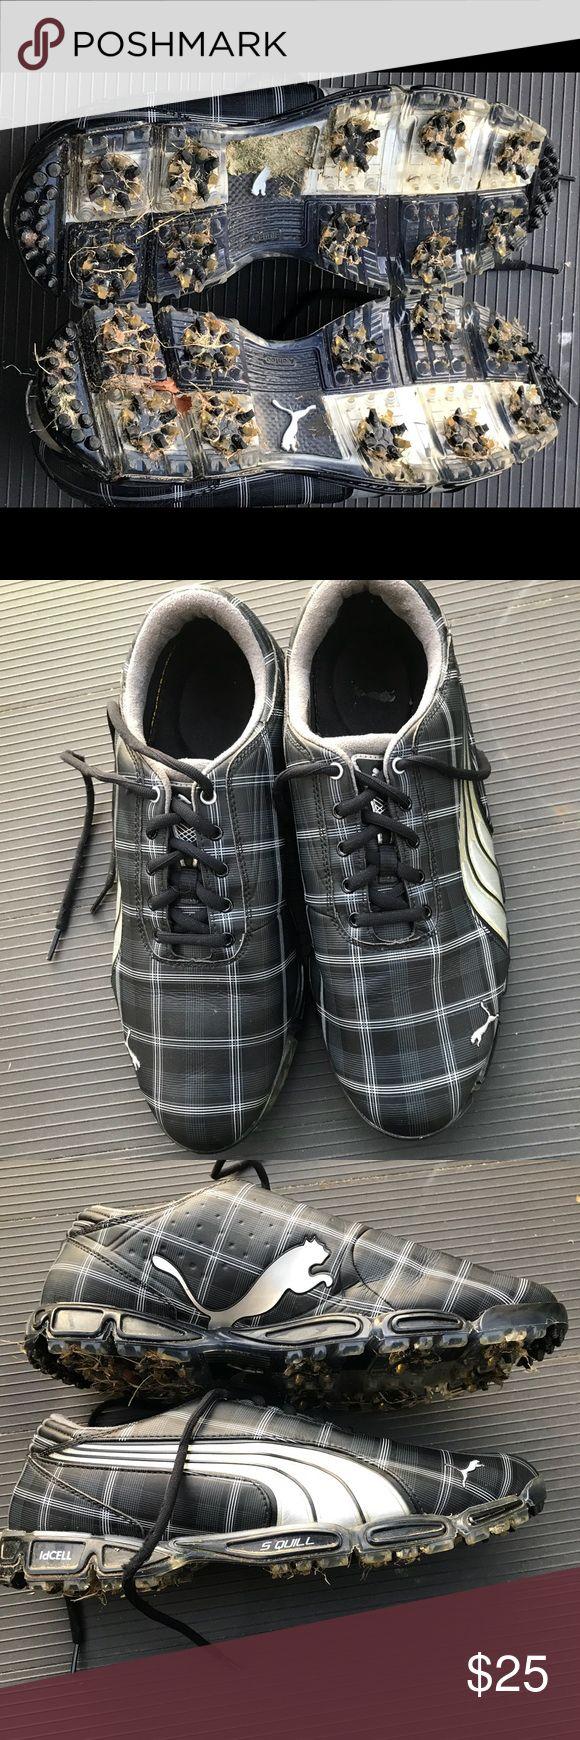 Rare Richie Fowler Plaid Black Golf Shoes Size 11 Rickie Fowler Rare Plaid Golf Shoes Puma Shoes Athletic Shoes